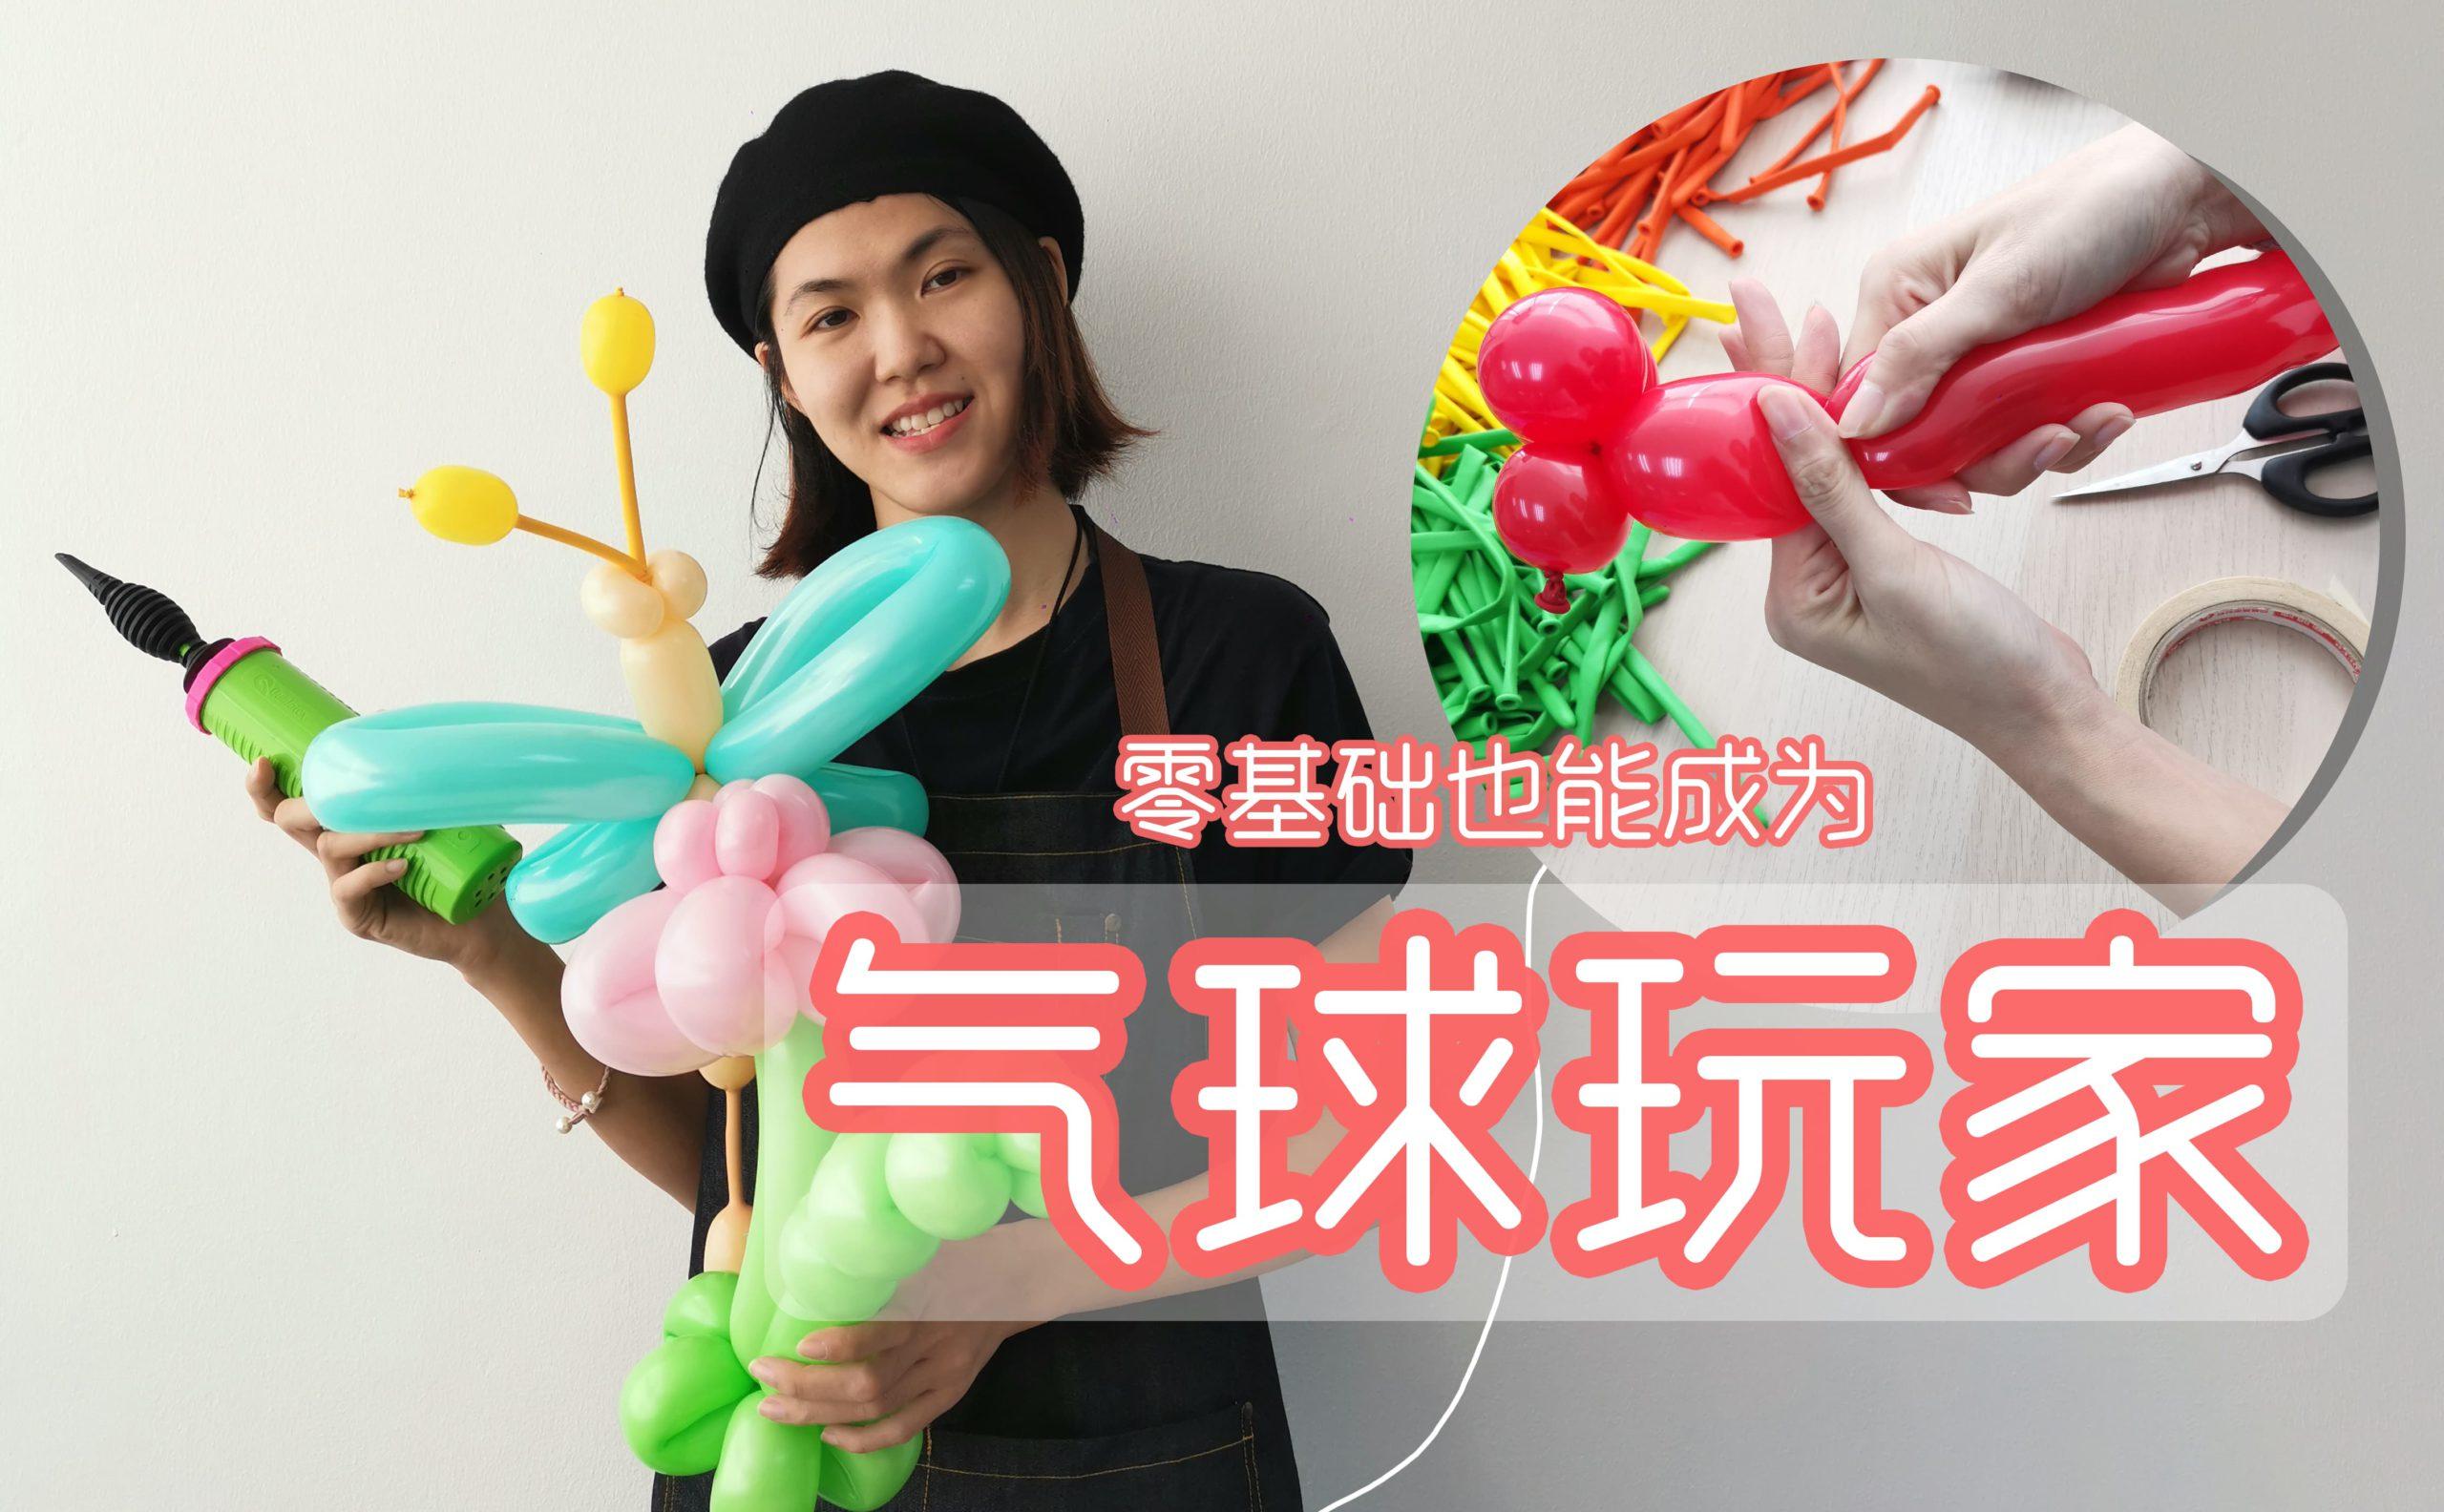 0基础也能成为气球玩家Ballon Maker